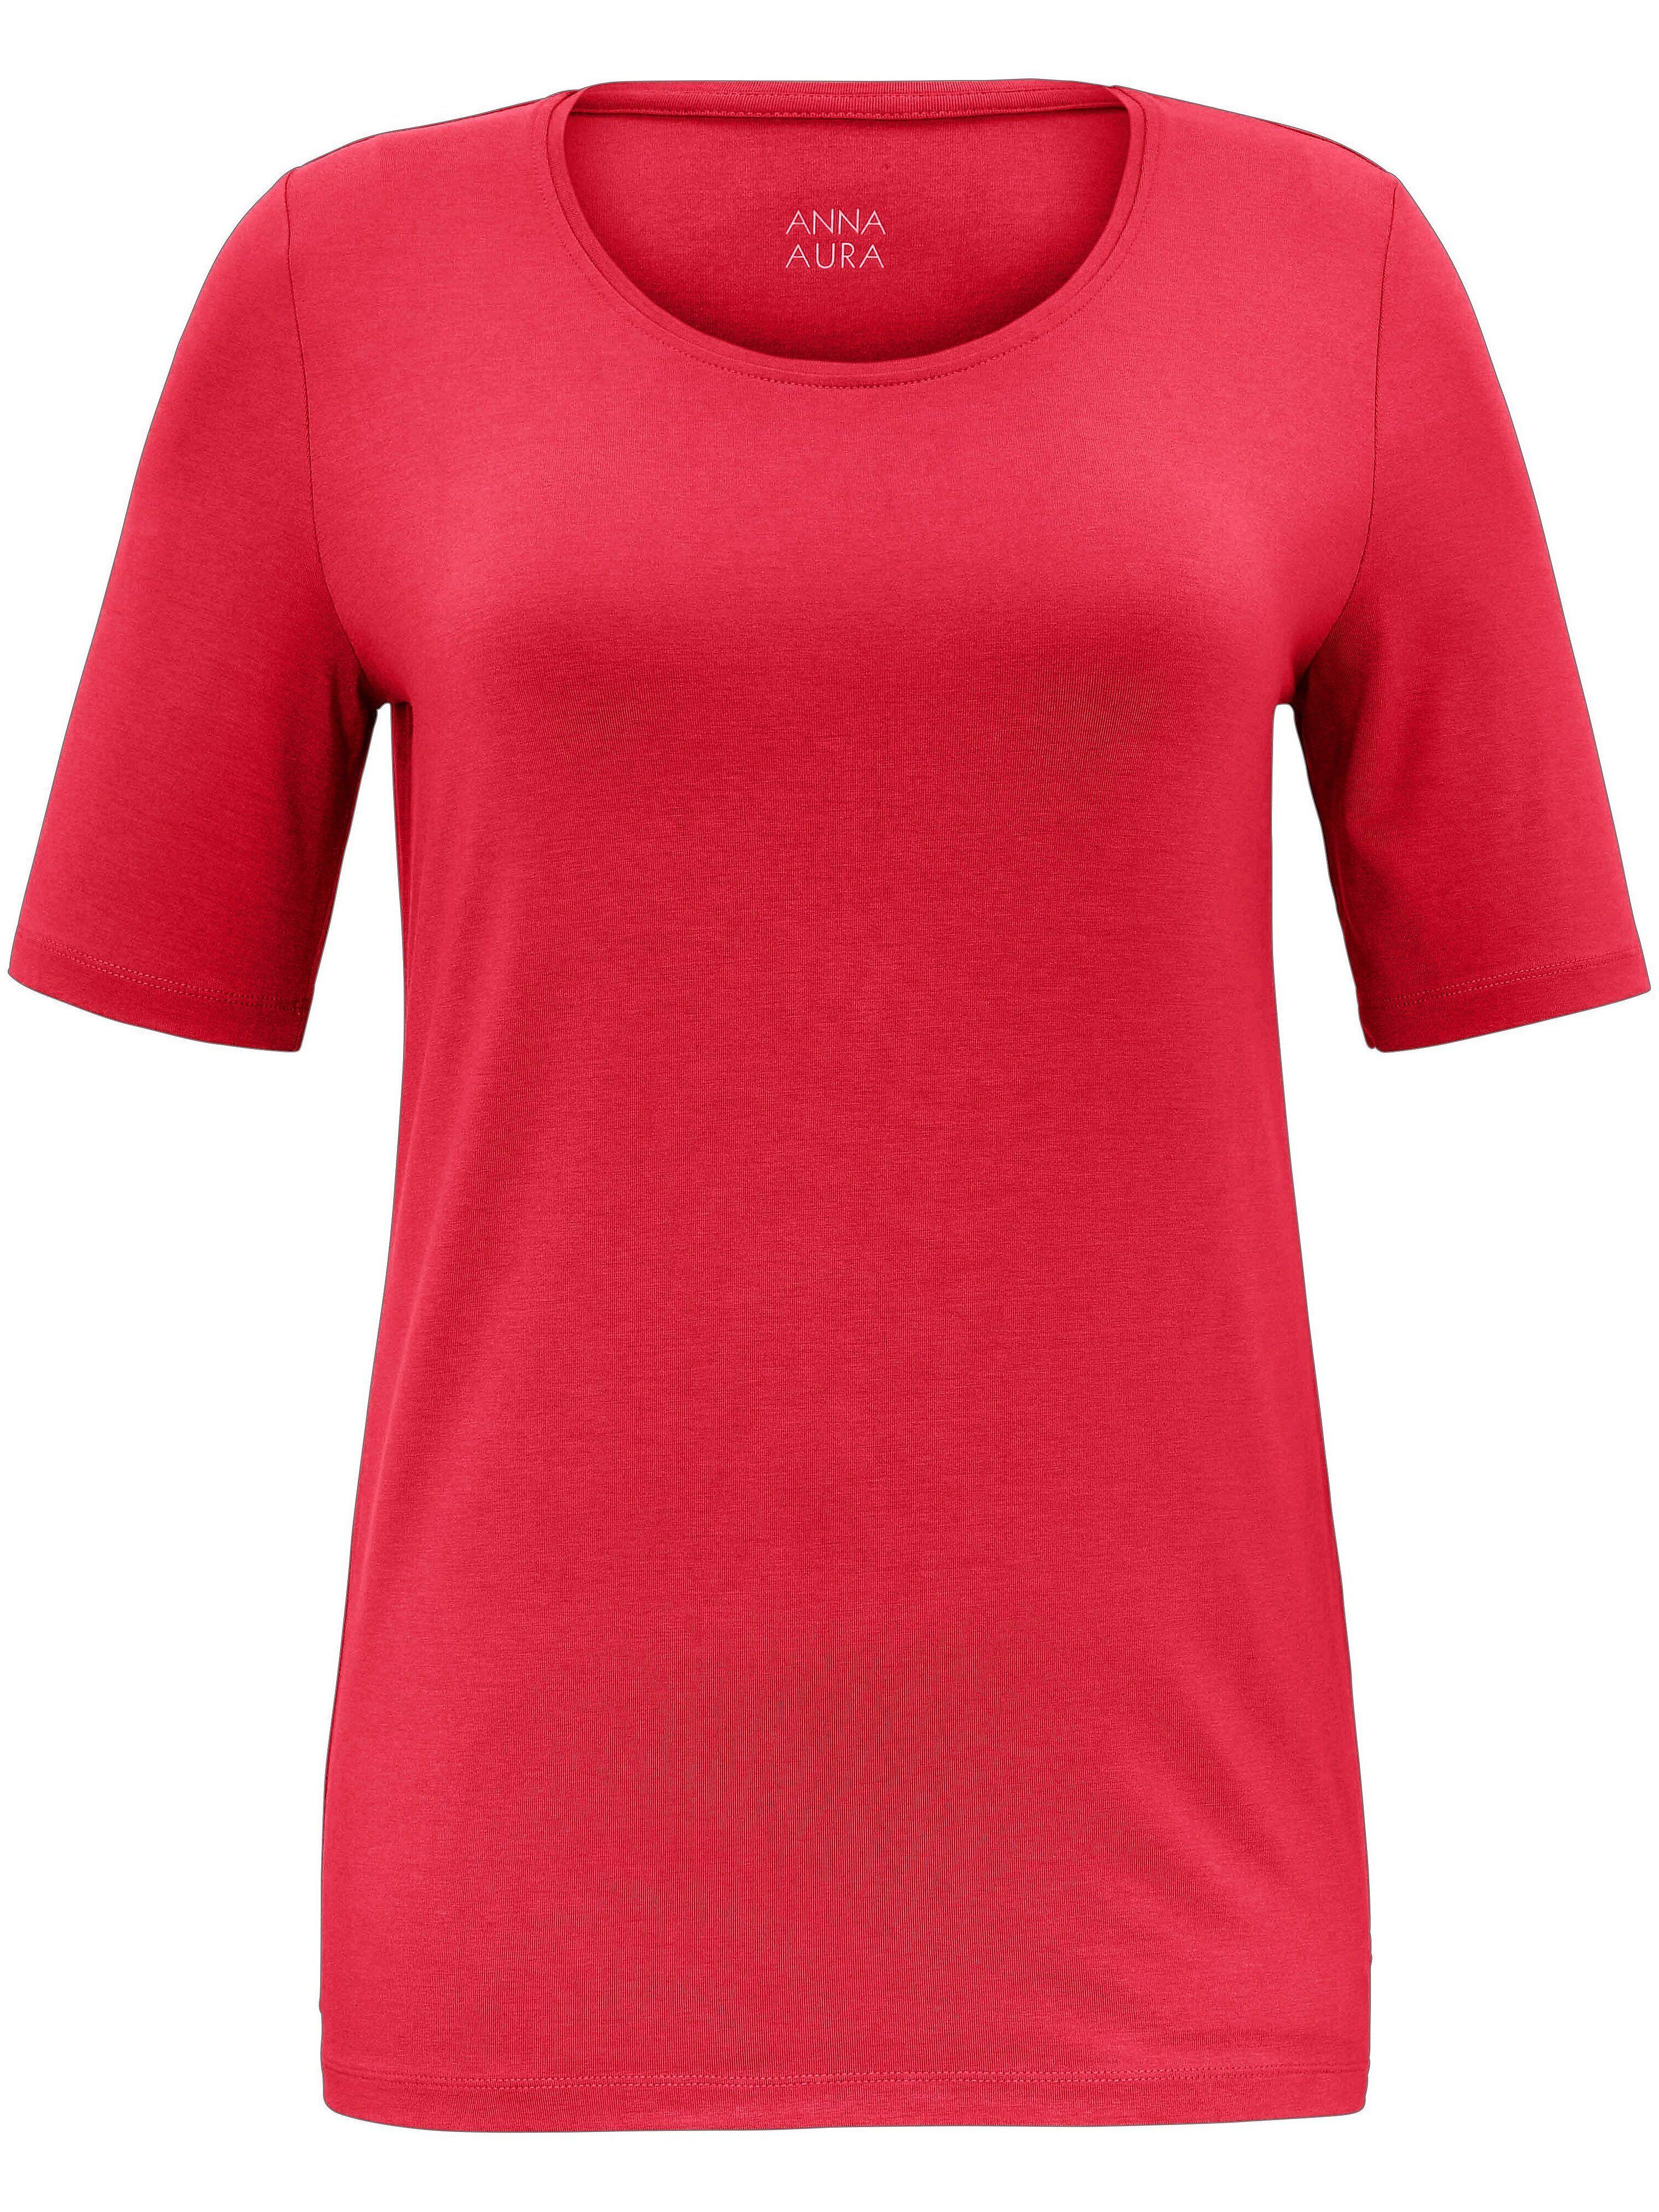 Anna Aura Le T-shirt facile d'entretien  Anna Aura rouge  - Femme - 42